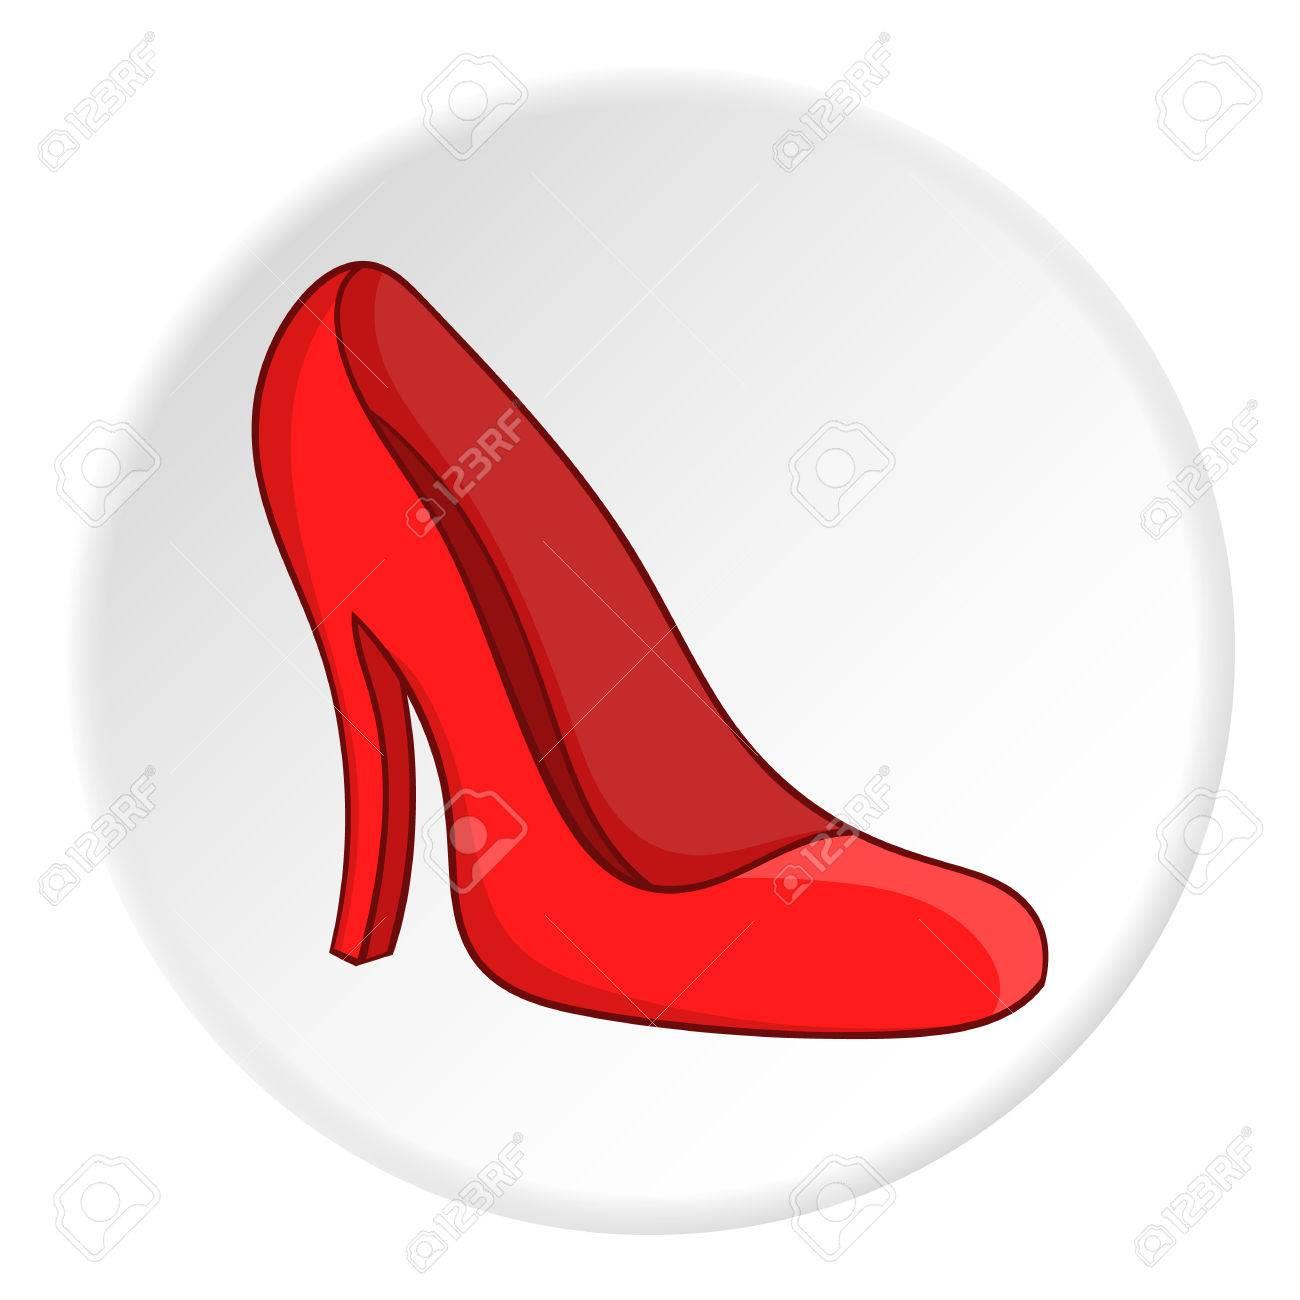 Es Chaussures Rouges Pour Les Femmes jnCCiAkl9